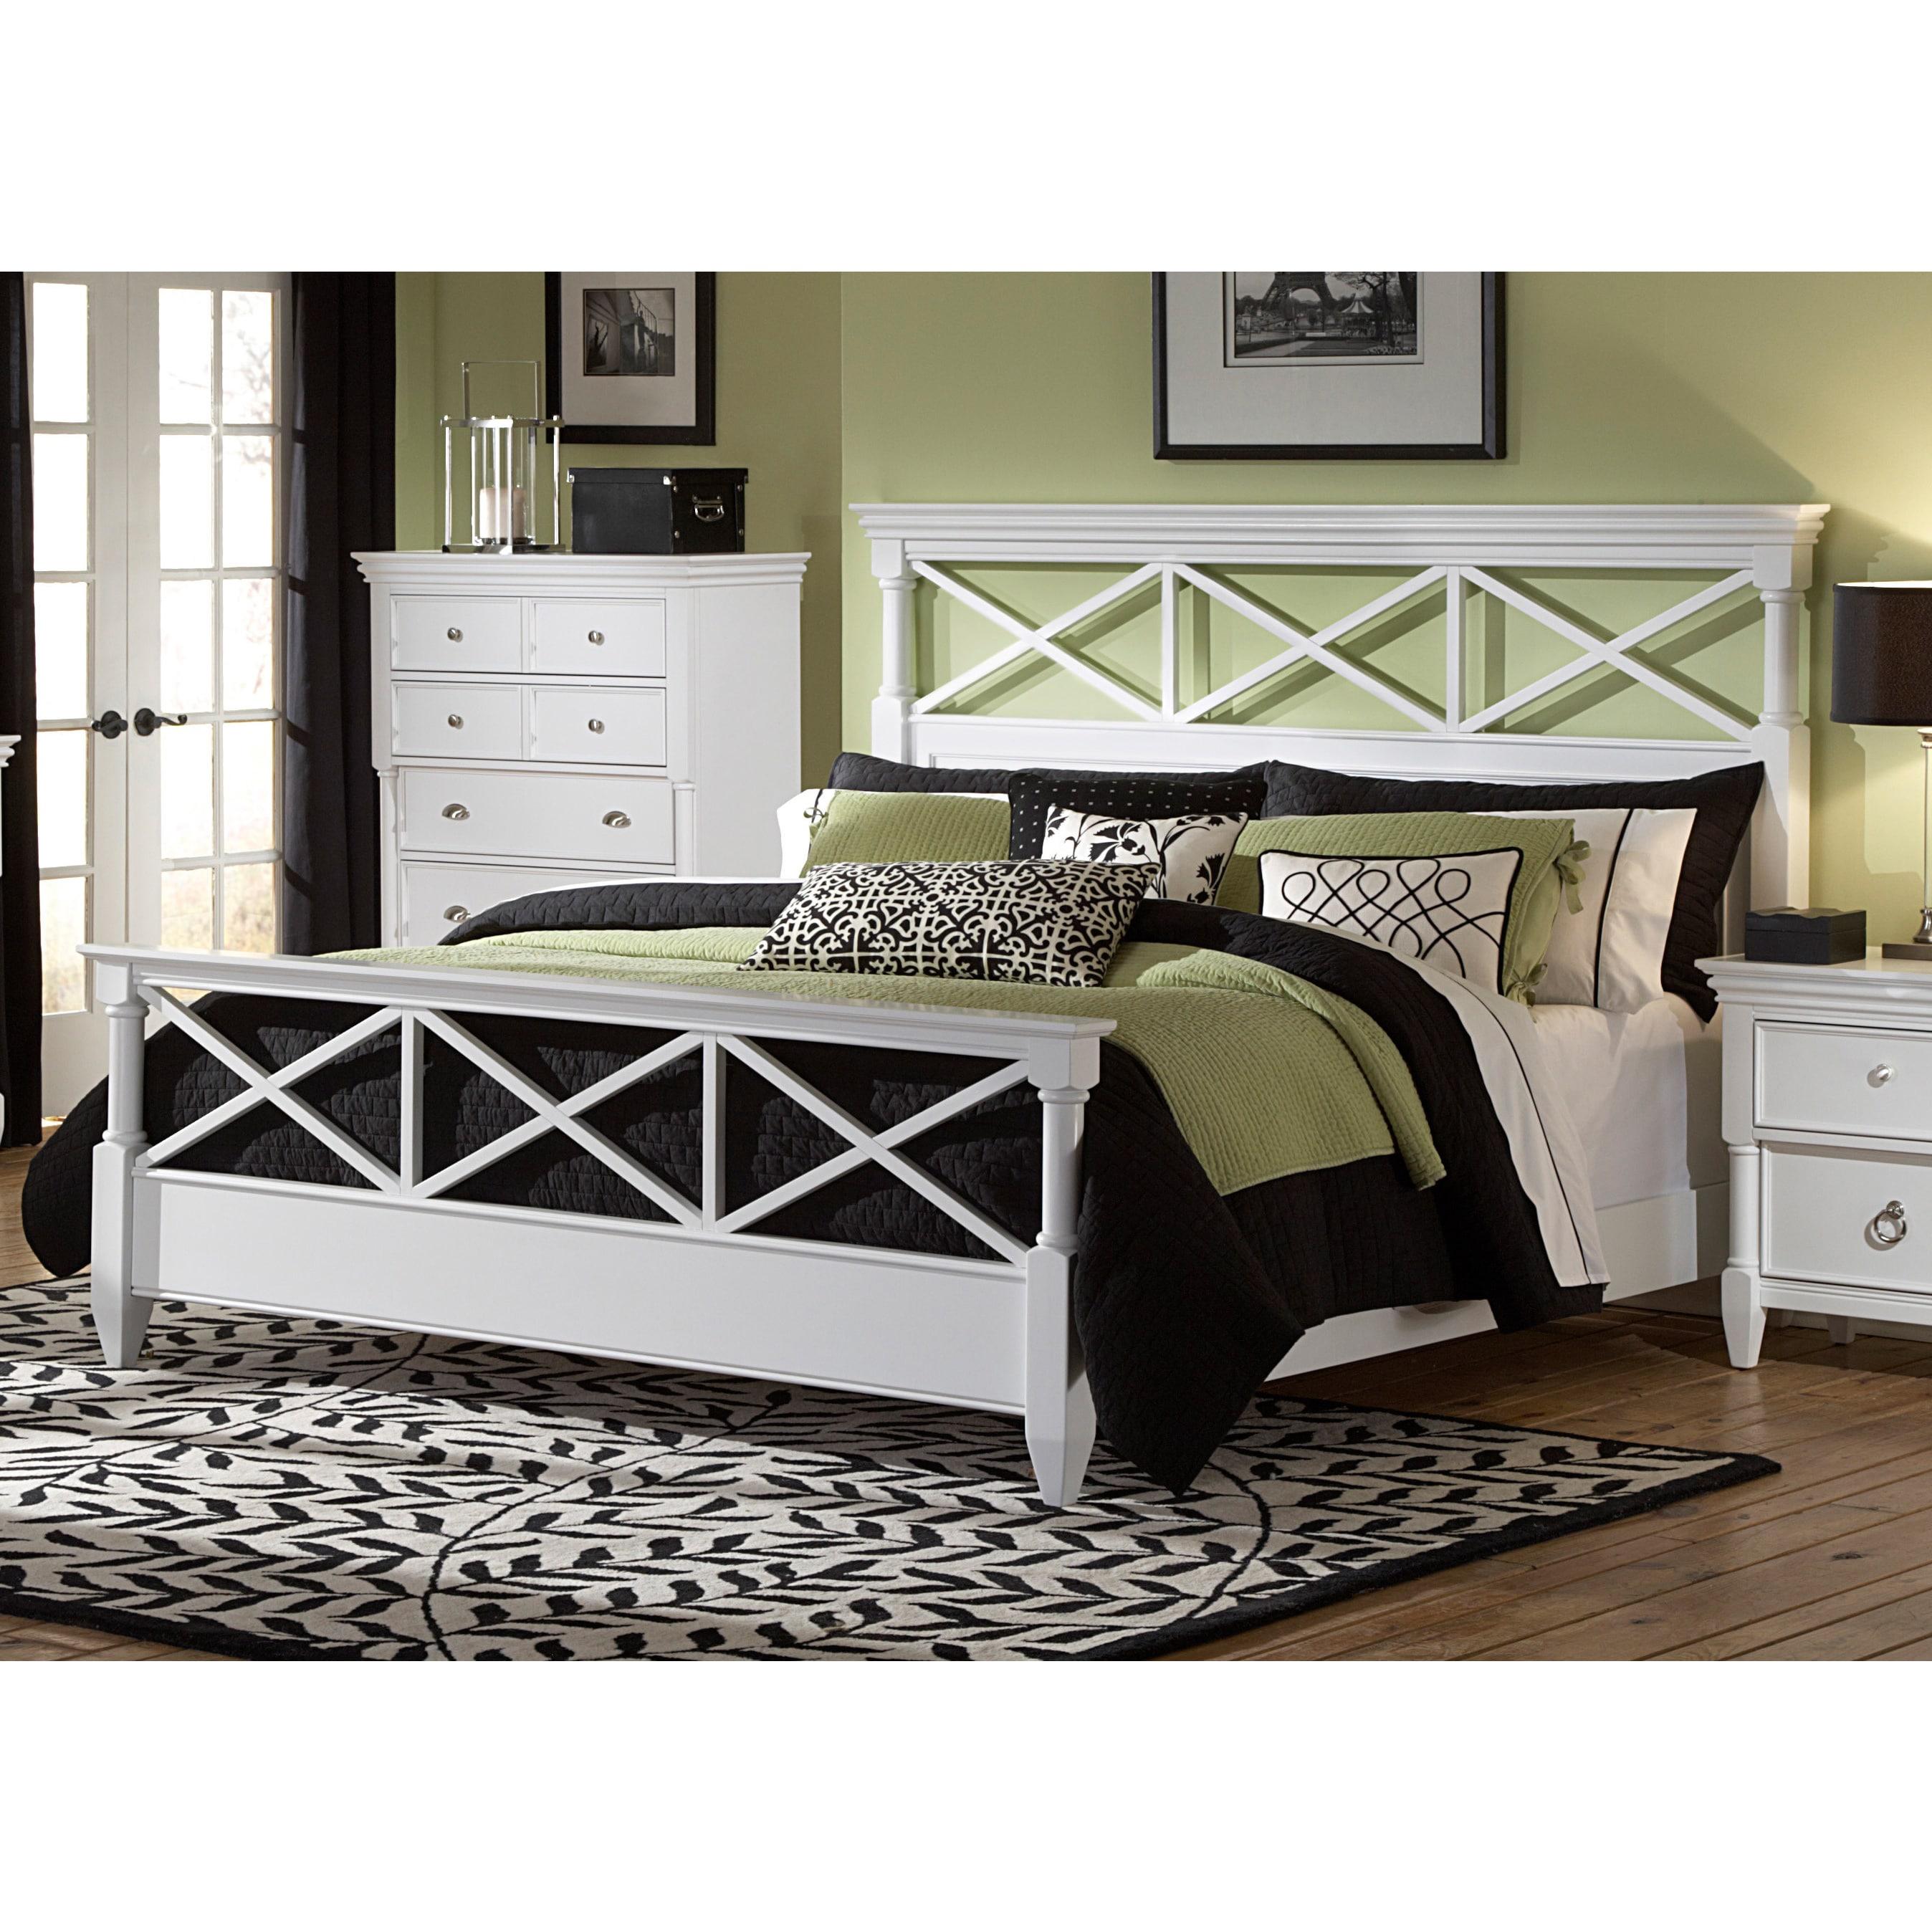 Magnussen Home Magnussen Kasey Wood Panel Bed (Queen), White